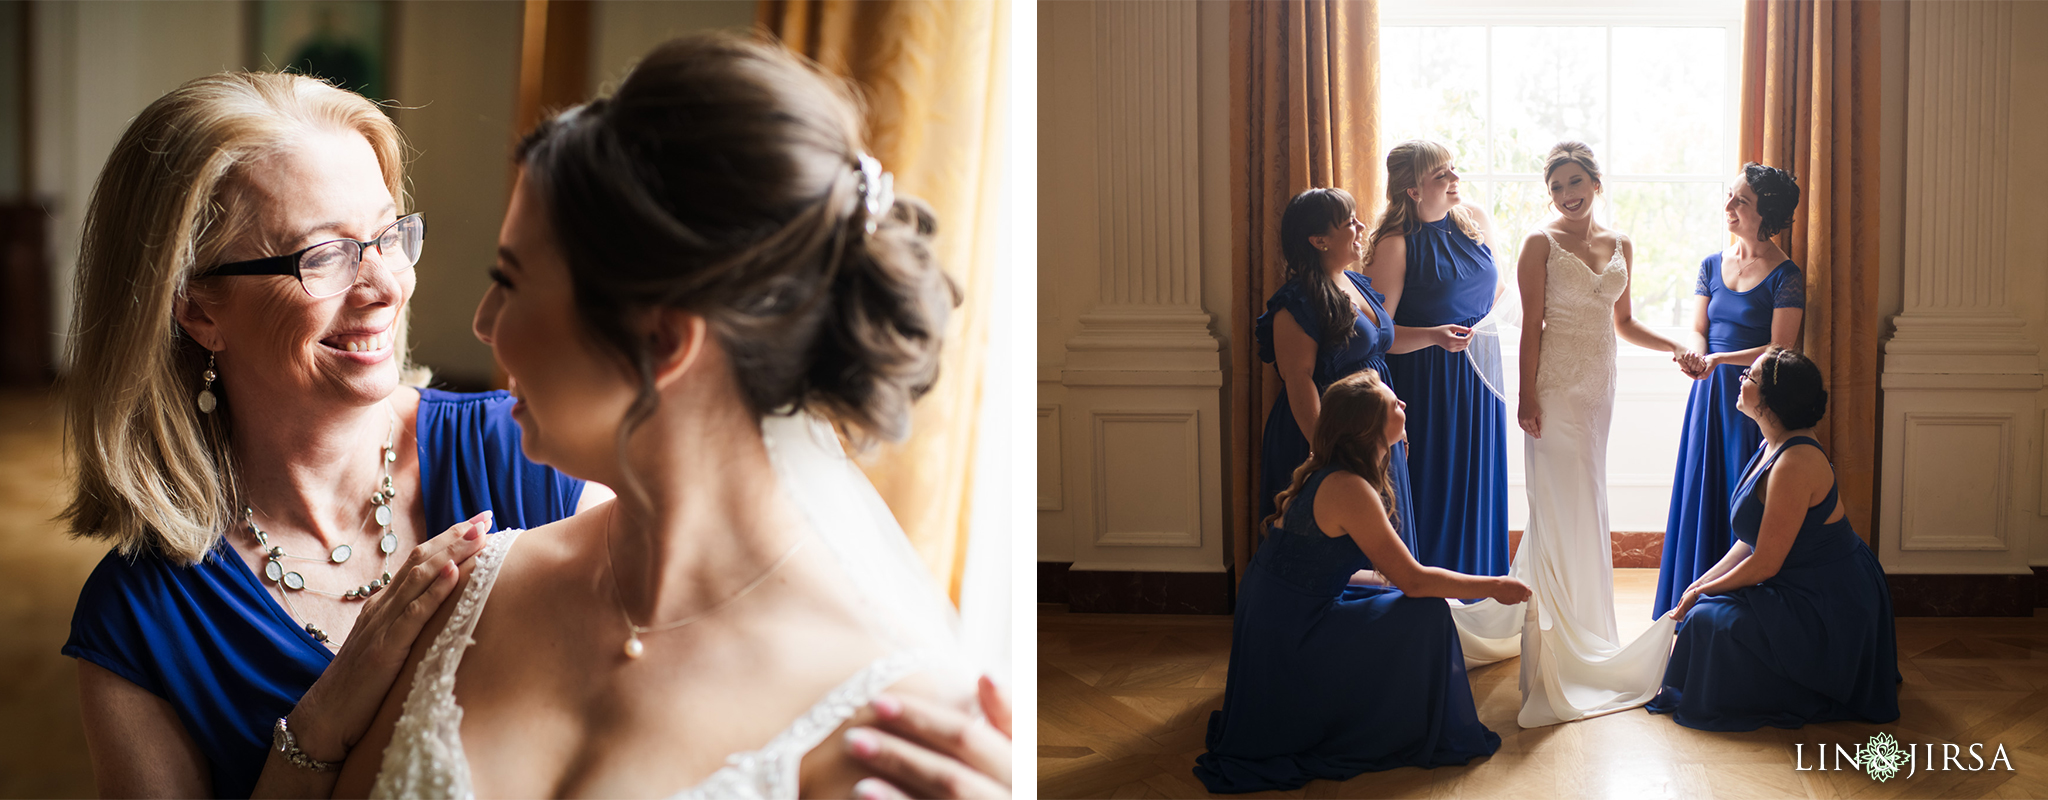 02 Richard Nixon Library Wedding Photographer